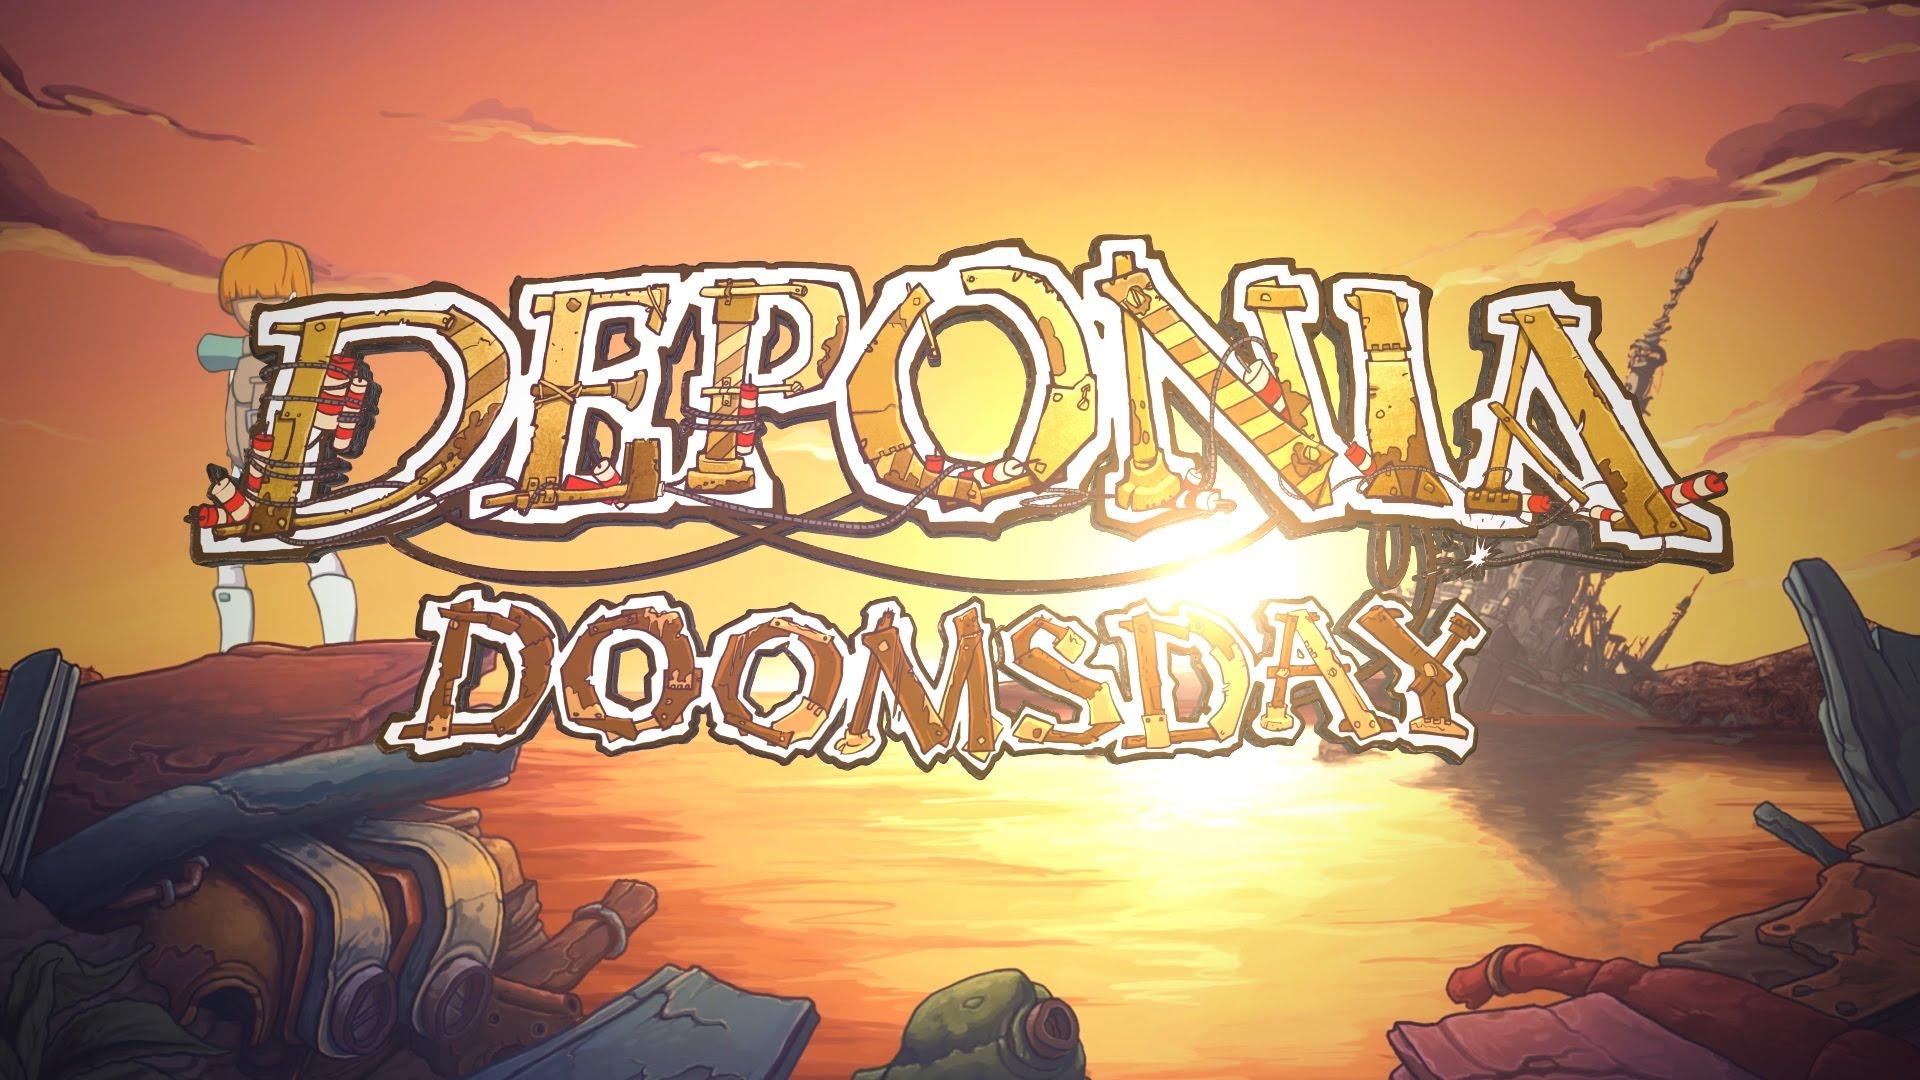 Deponia Doomsday Releasetrailer [GER]